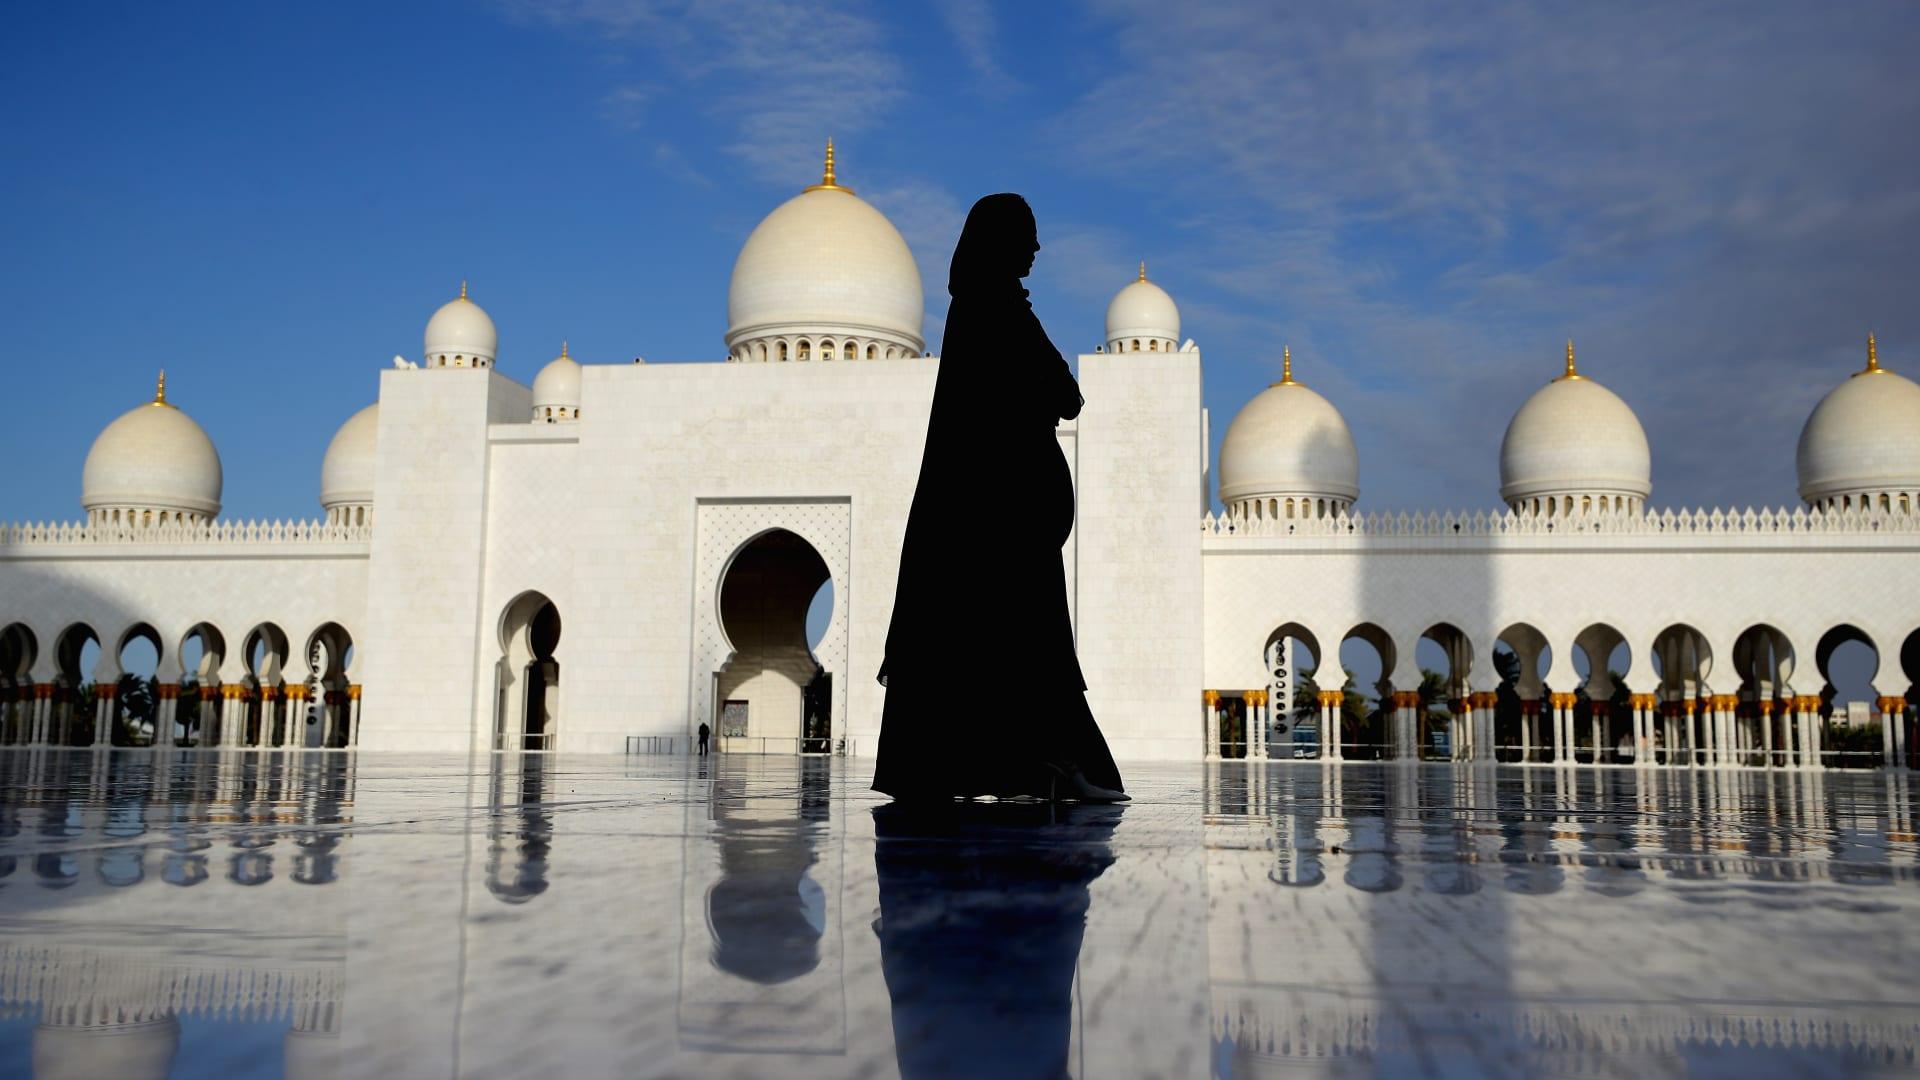 الإمارات تفرض تعيين امرأة واحدة على الأقل في مجلس إدارة الشركات المدرجة